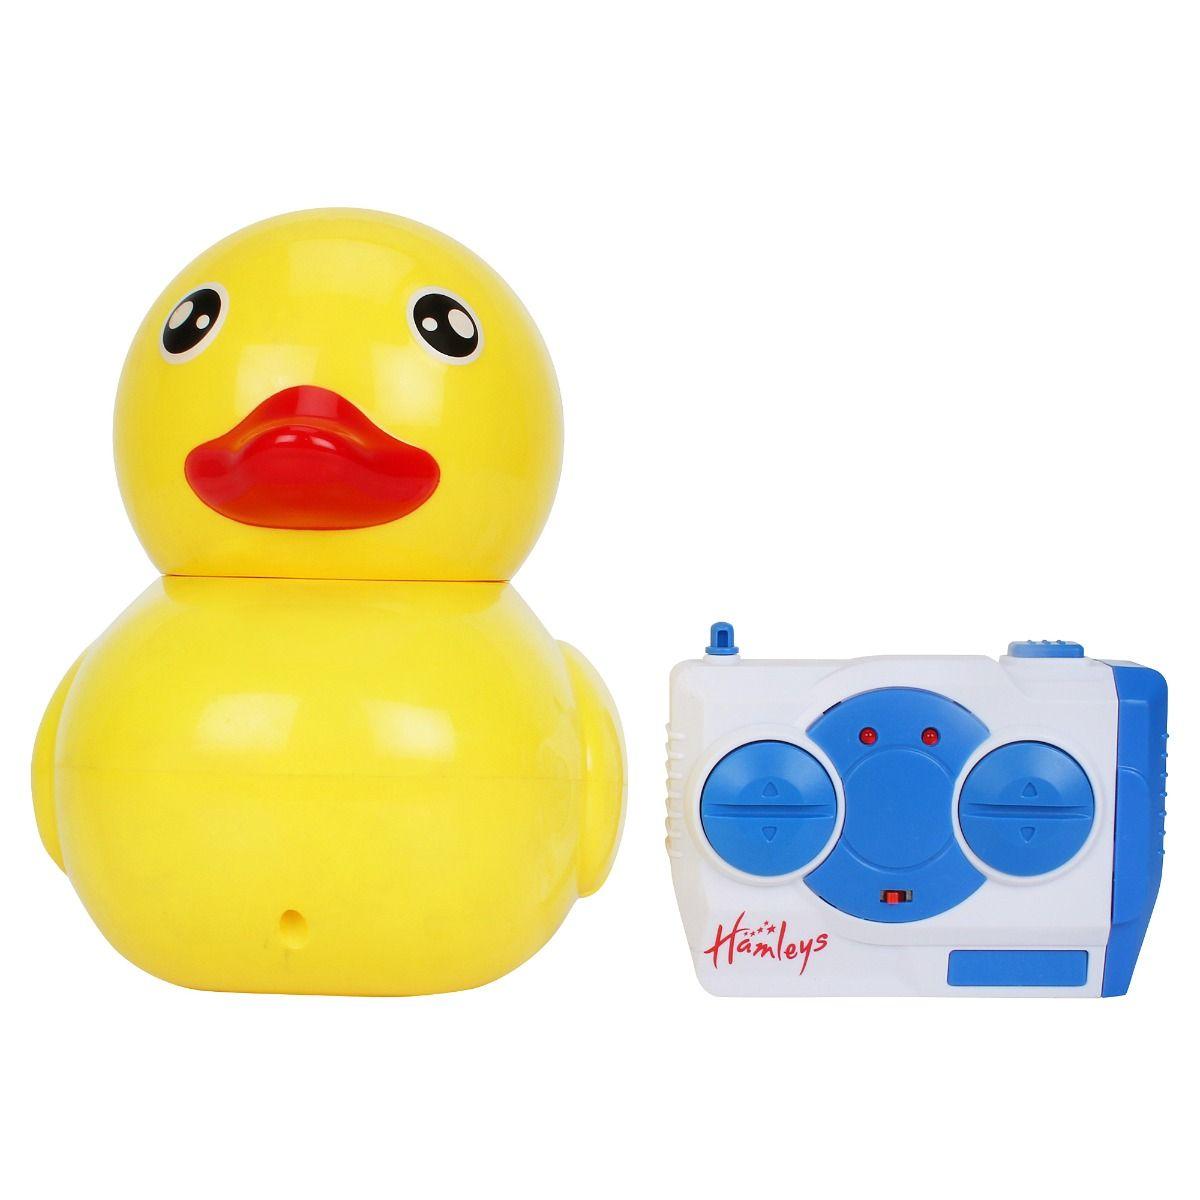 Hamleys Remote Control Duck